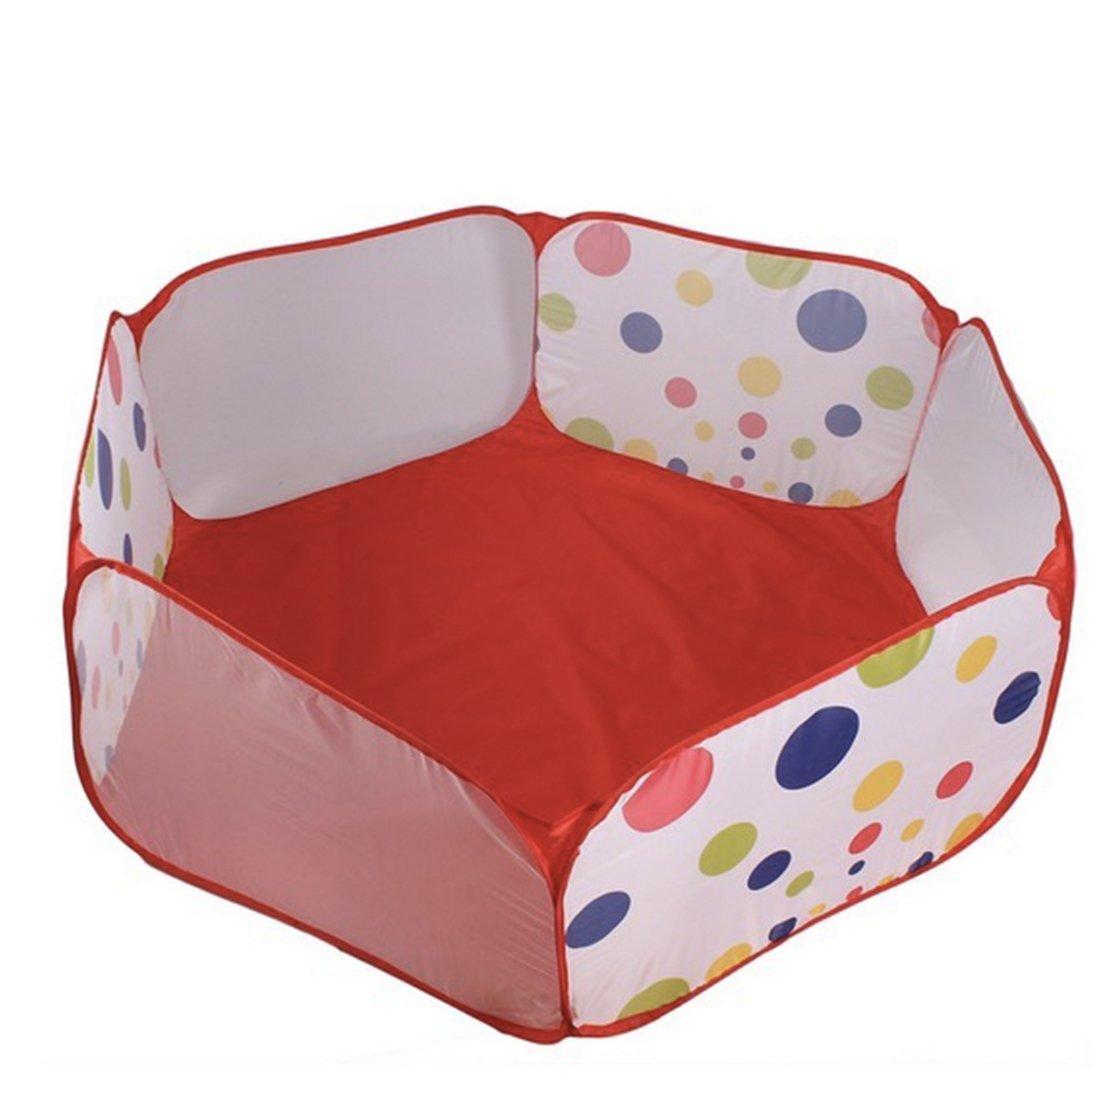 耐久性6辺Hexagon Polka Dot子供プールボールPlay Playpen with Carry Tote Baby Playard Great Gift for any ageグループ子インドアとアウトドア簡単折りたたみテントwith Carry Tote 59インチEasy Up Sun Shelter釣り/ビーチ/アウトドアテント B00XX2GZH4